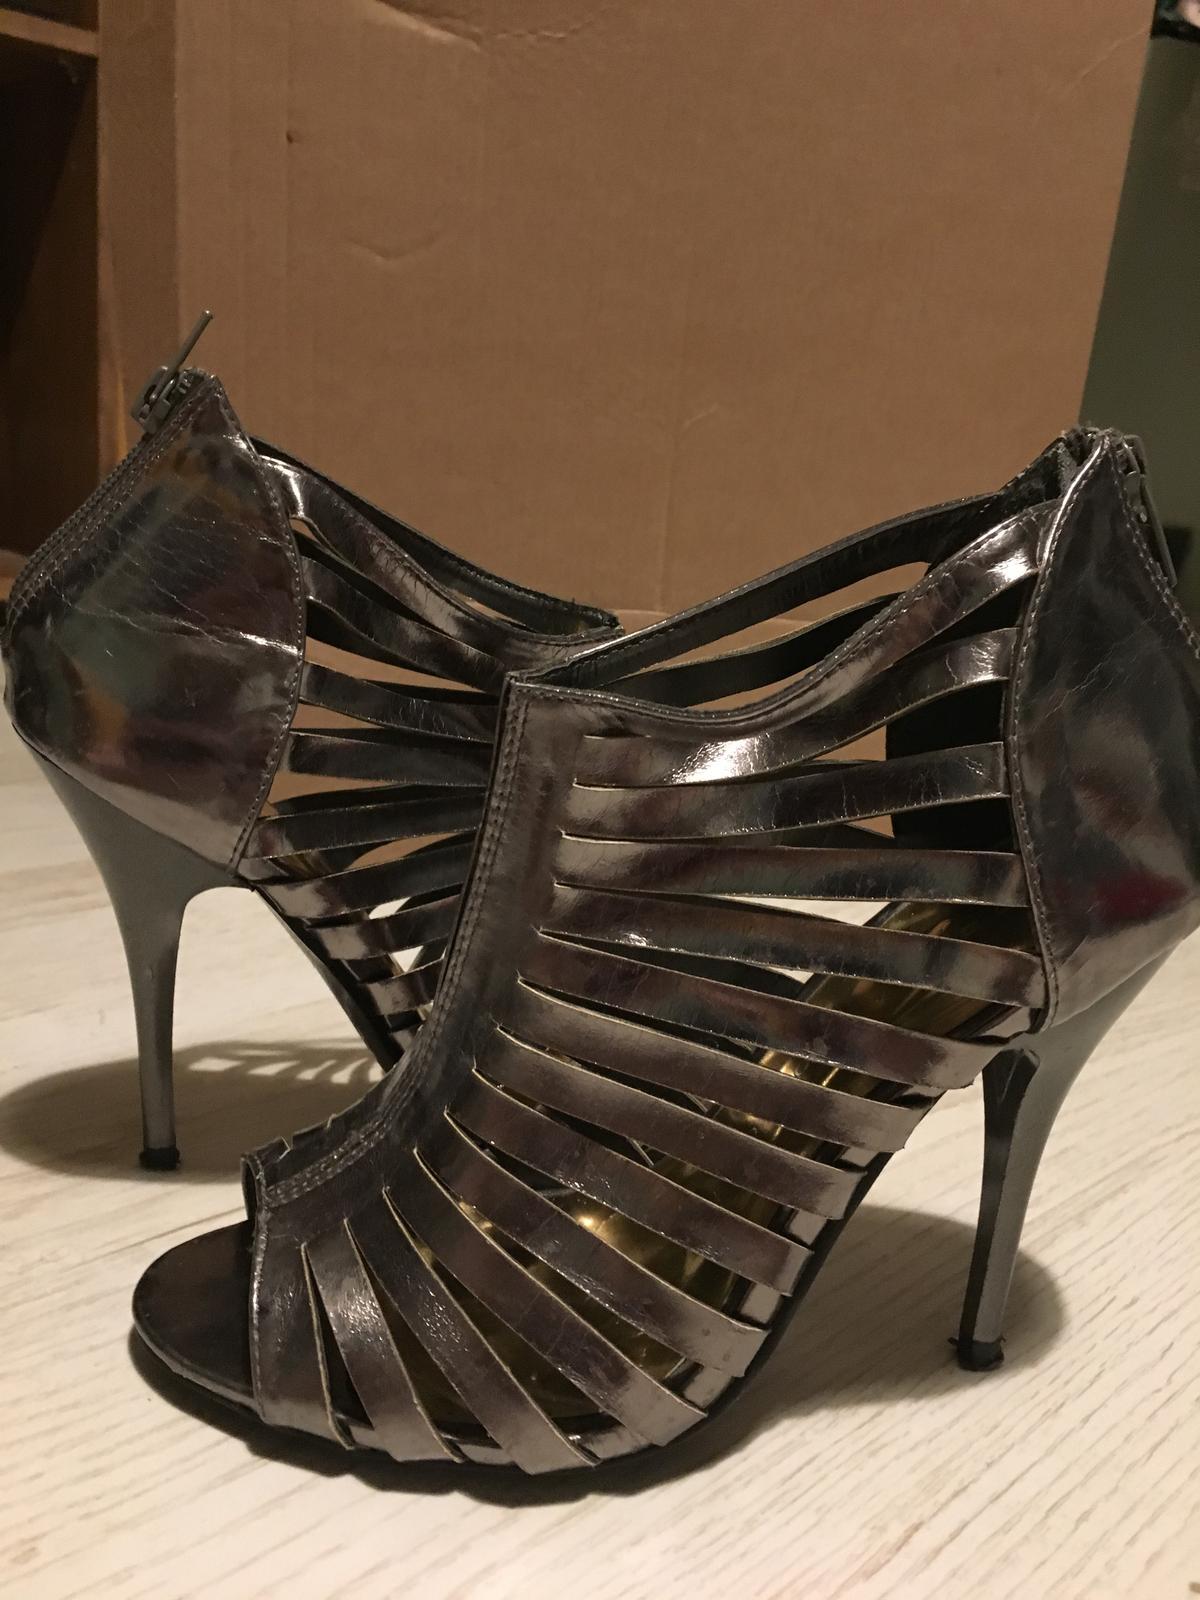 metalické sandále - 38 - Obrázok č. 1